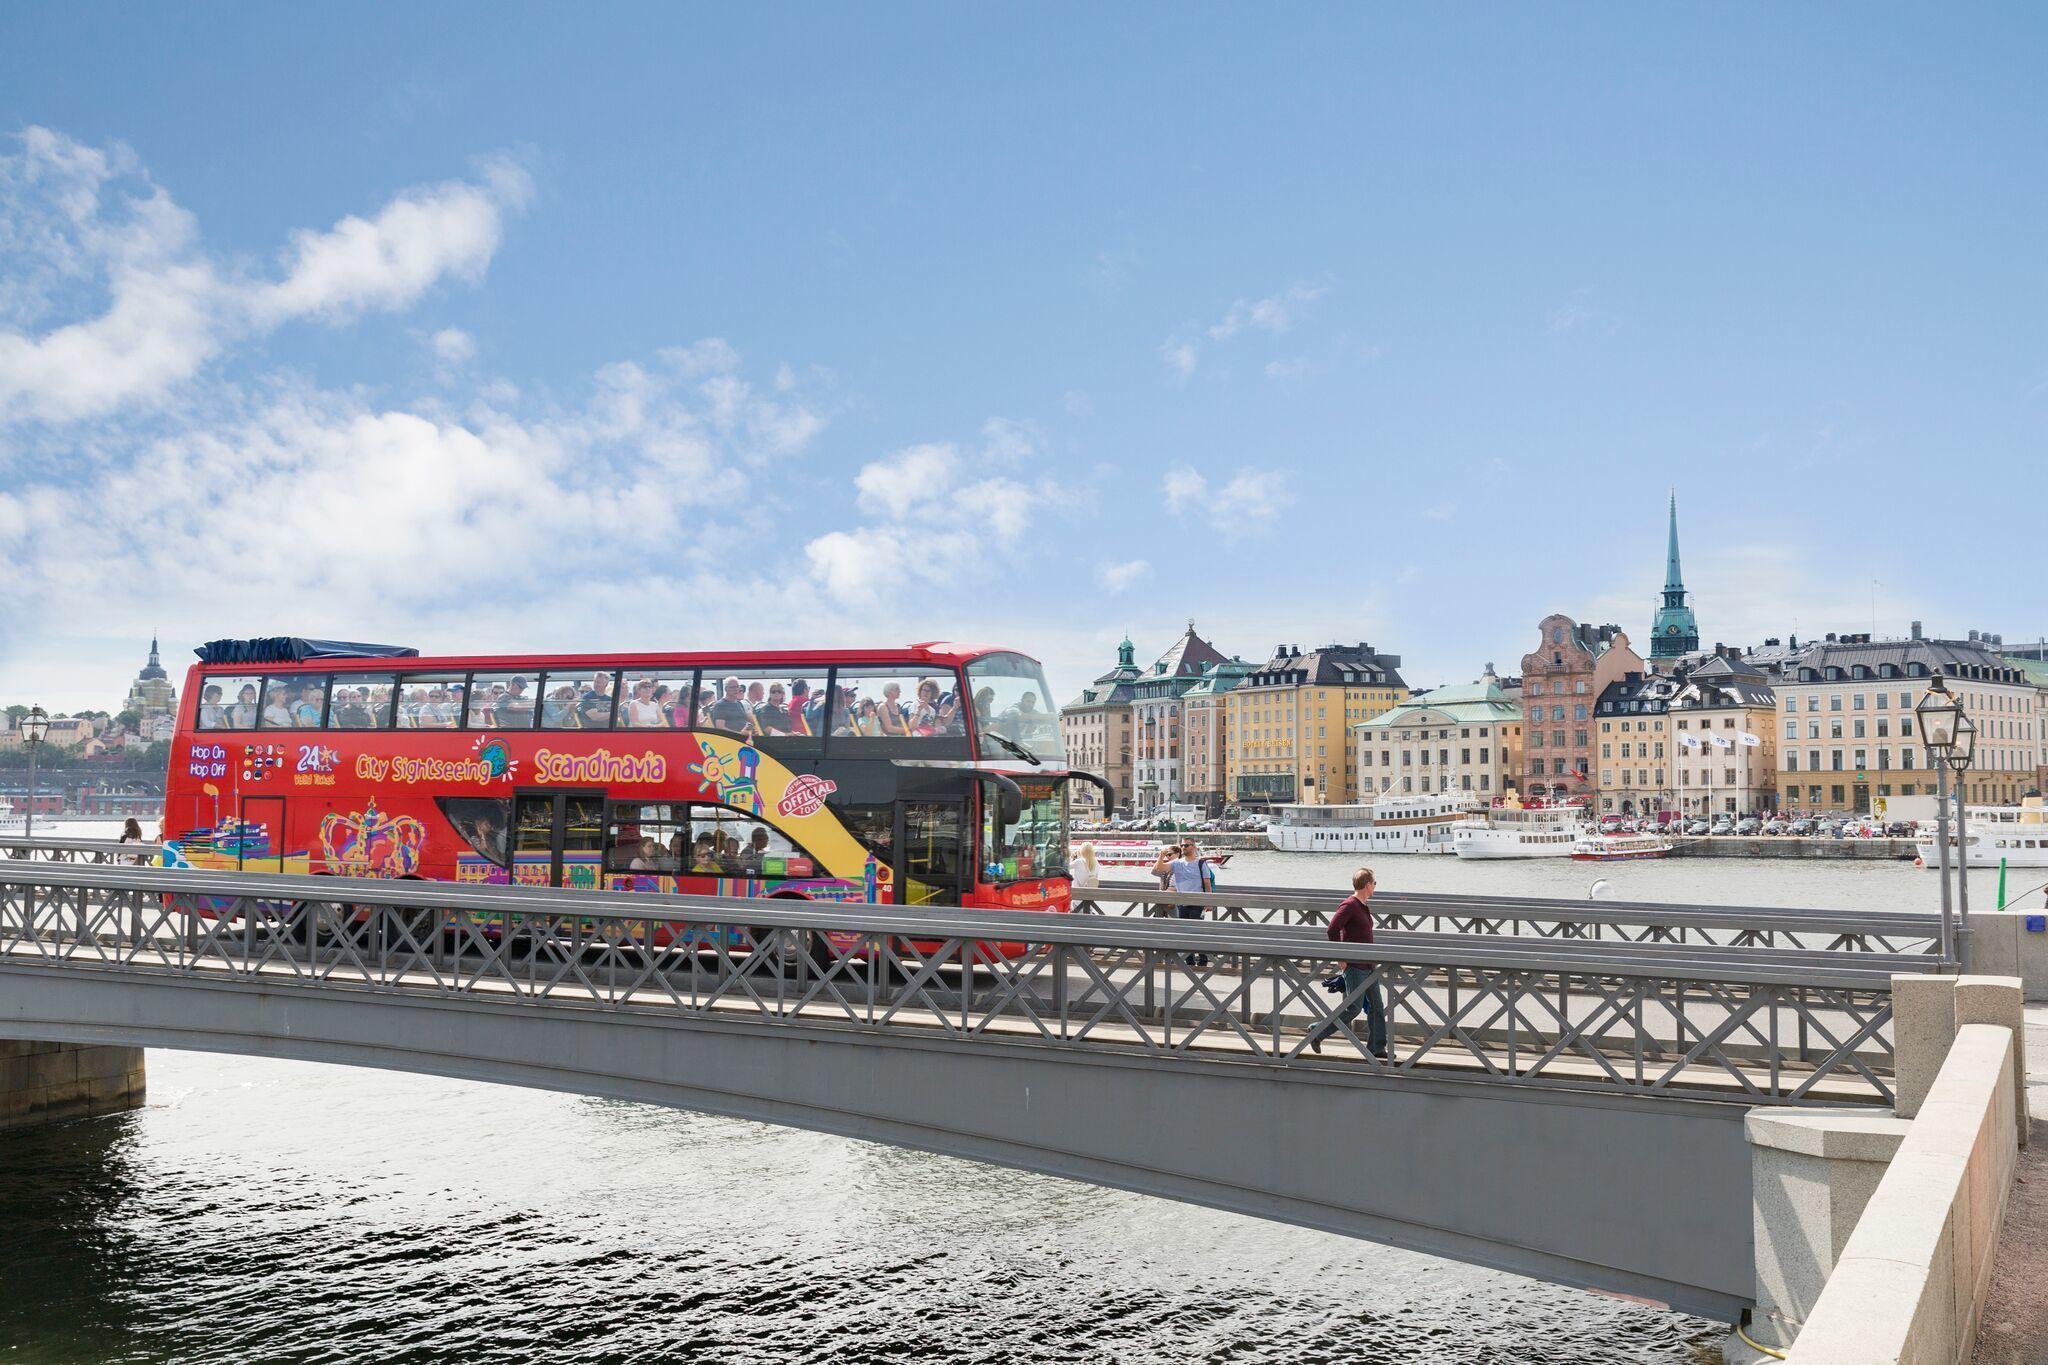 Visita a Estocolmo en el autobús turístico City Sightseeing